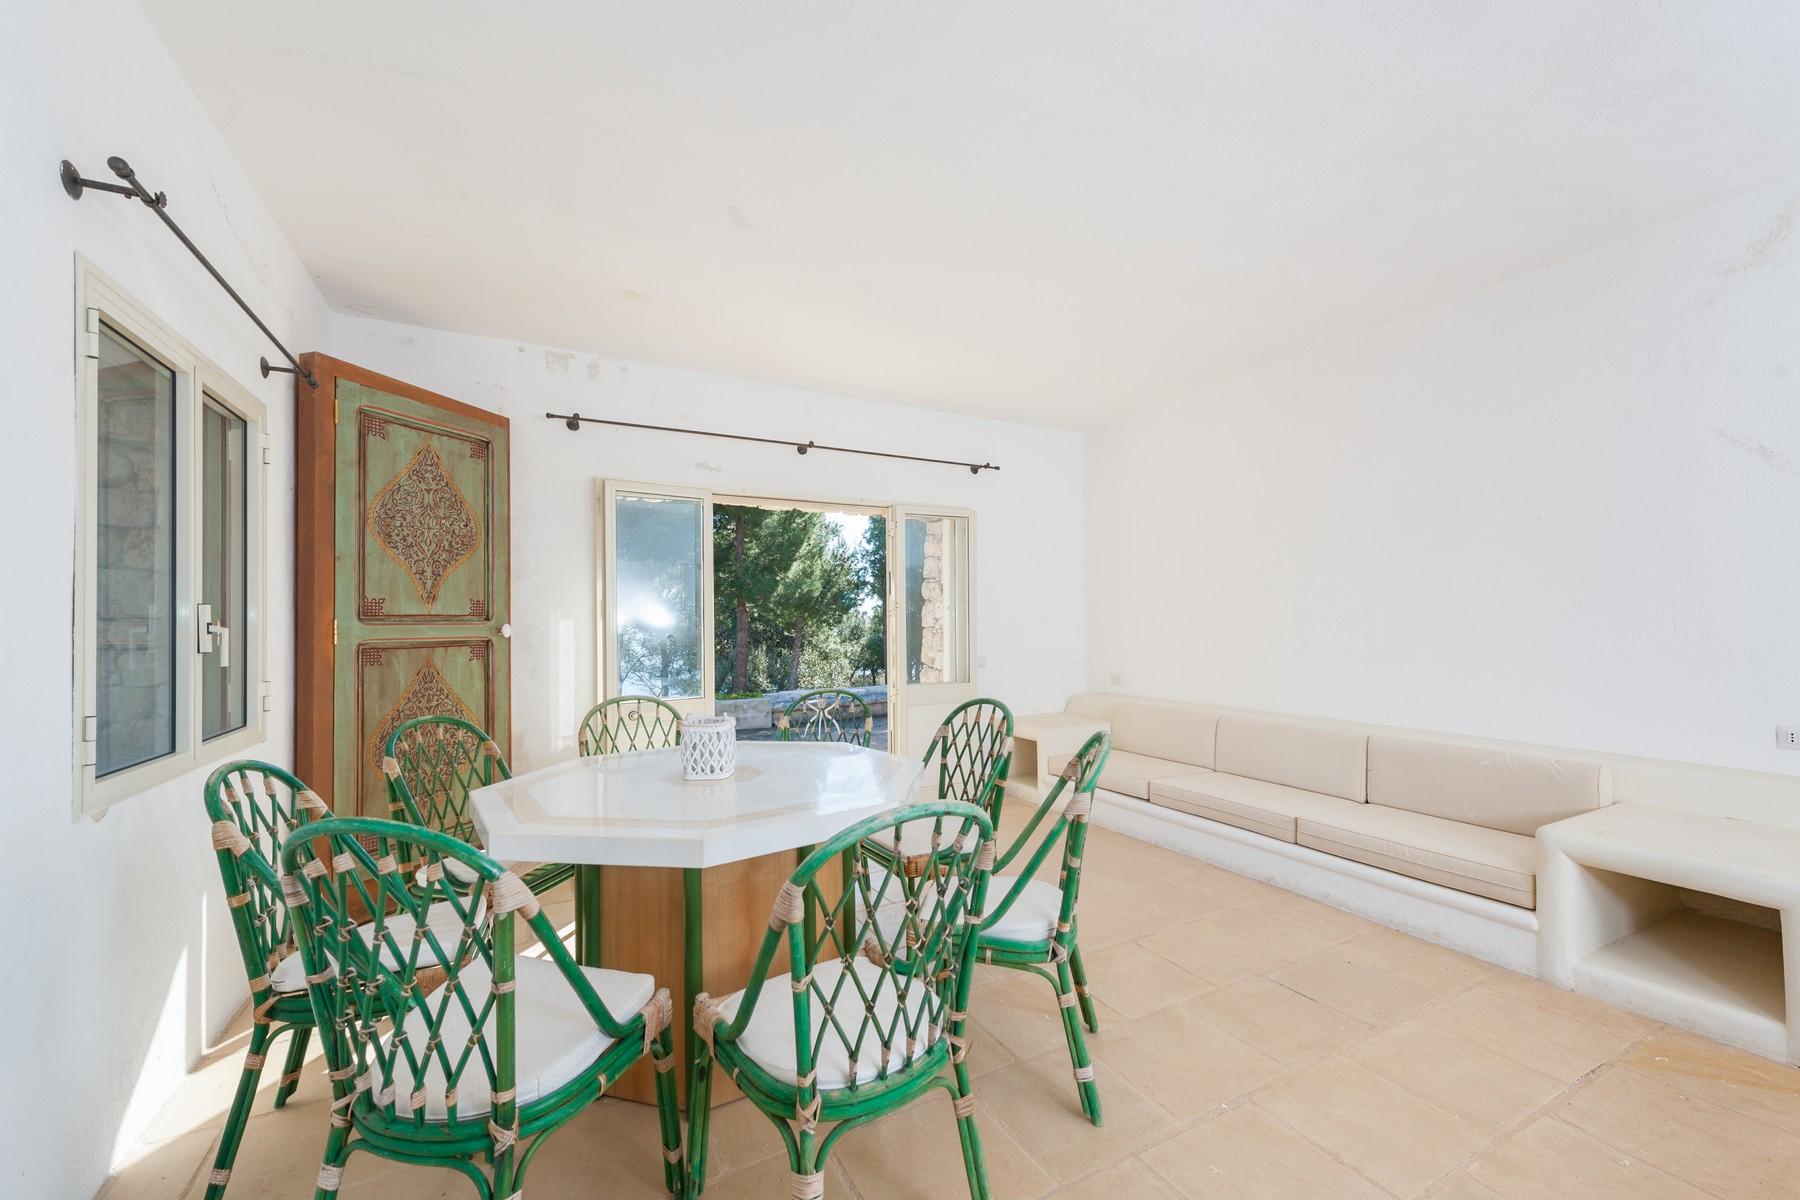 Casa indipendente in Vendita a Gagliano Del Capo: 5 locali, 290 mq - Foto 6